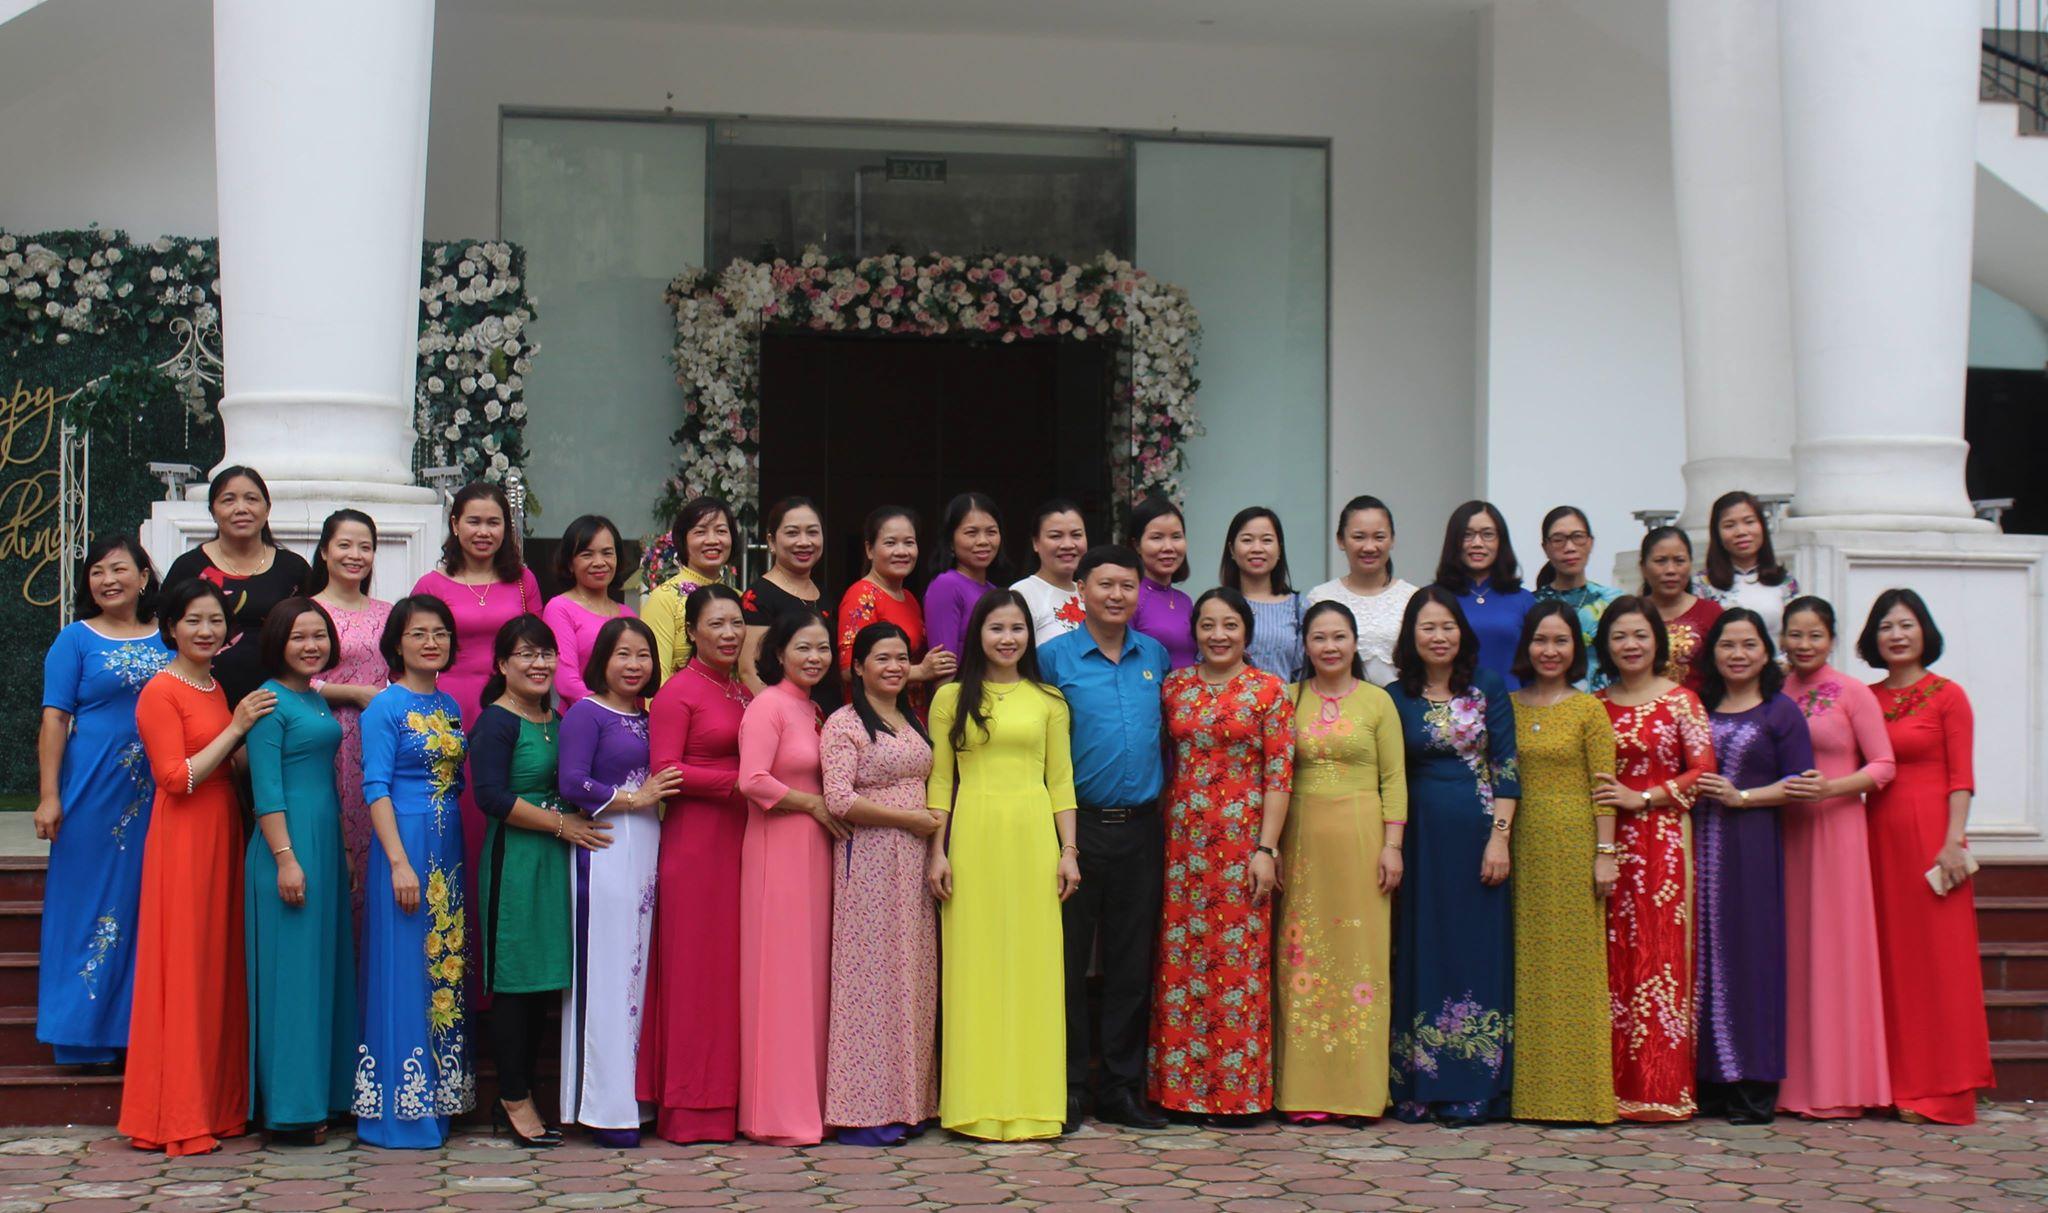 Tọa đàm Nâng cao chất lượng nữ cán bộ công đoàn - Hoạt động chào mừng kỷ niệm 88 năm ngày thành lập Hội Phụ nữ Việt Nam, 08 năm ngày Phụ nữ Việt Nam 20/10.